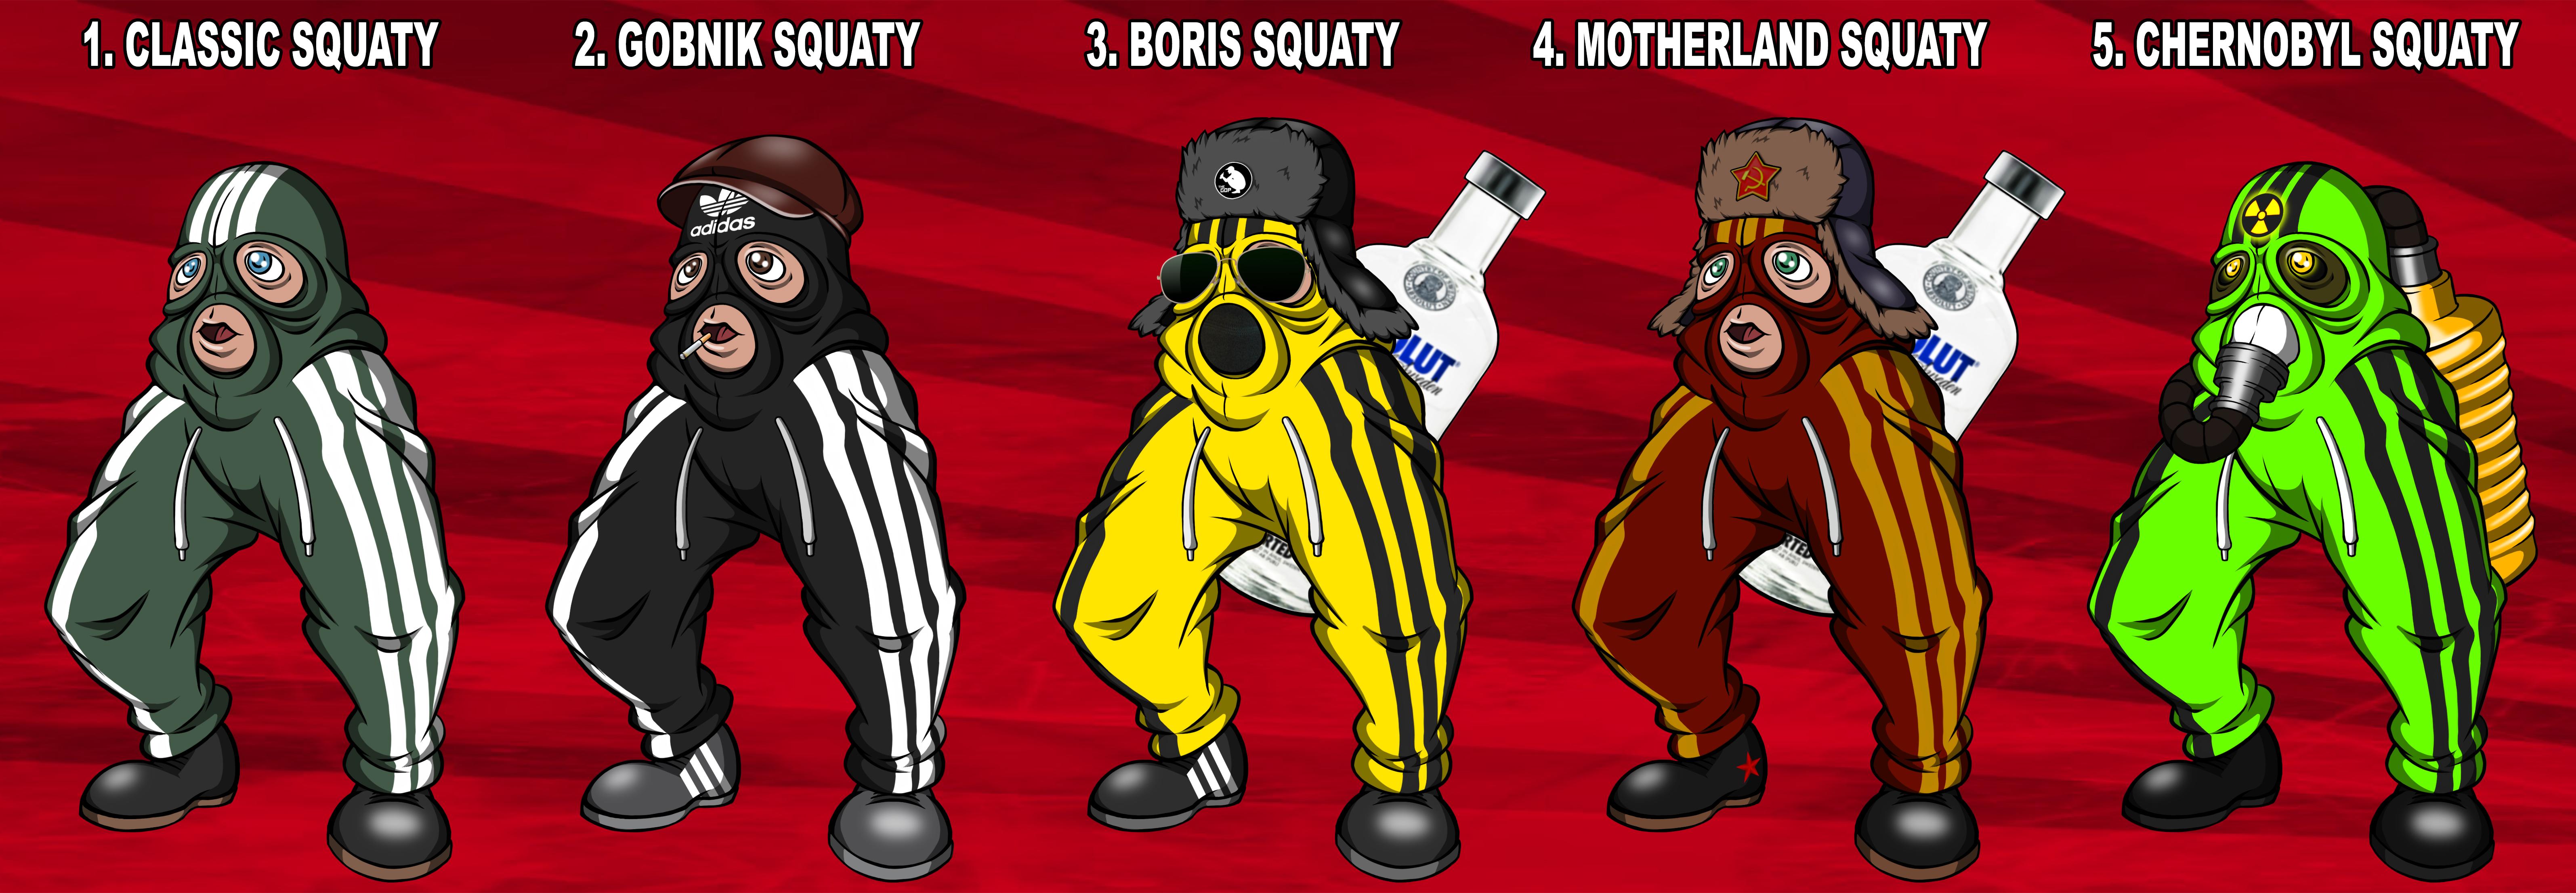 Meet The Squady 1 Cheeki Breeki Know Your Meme